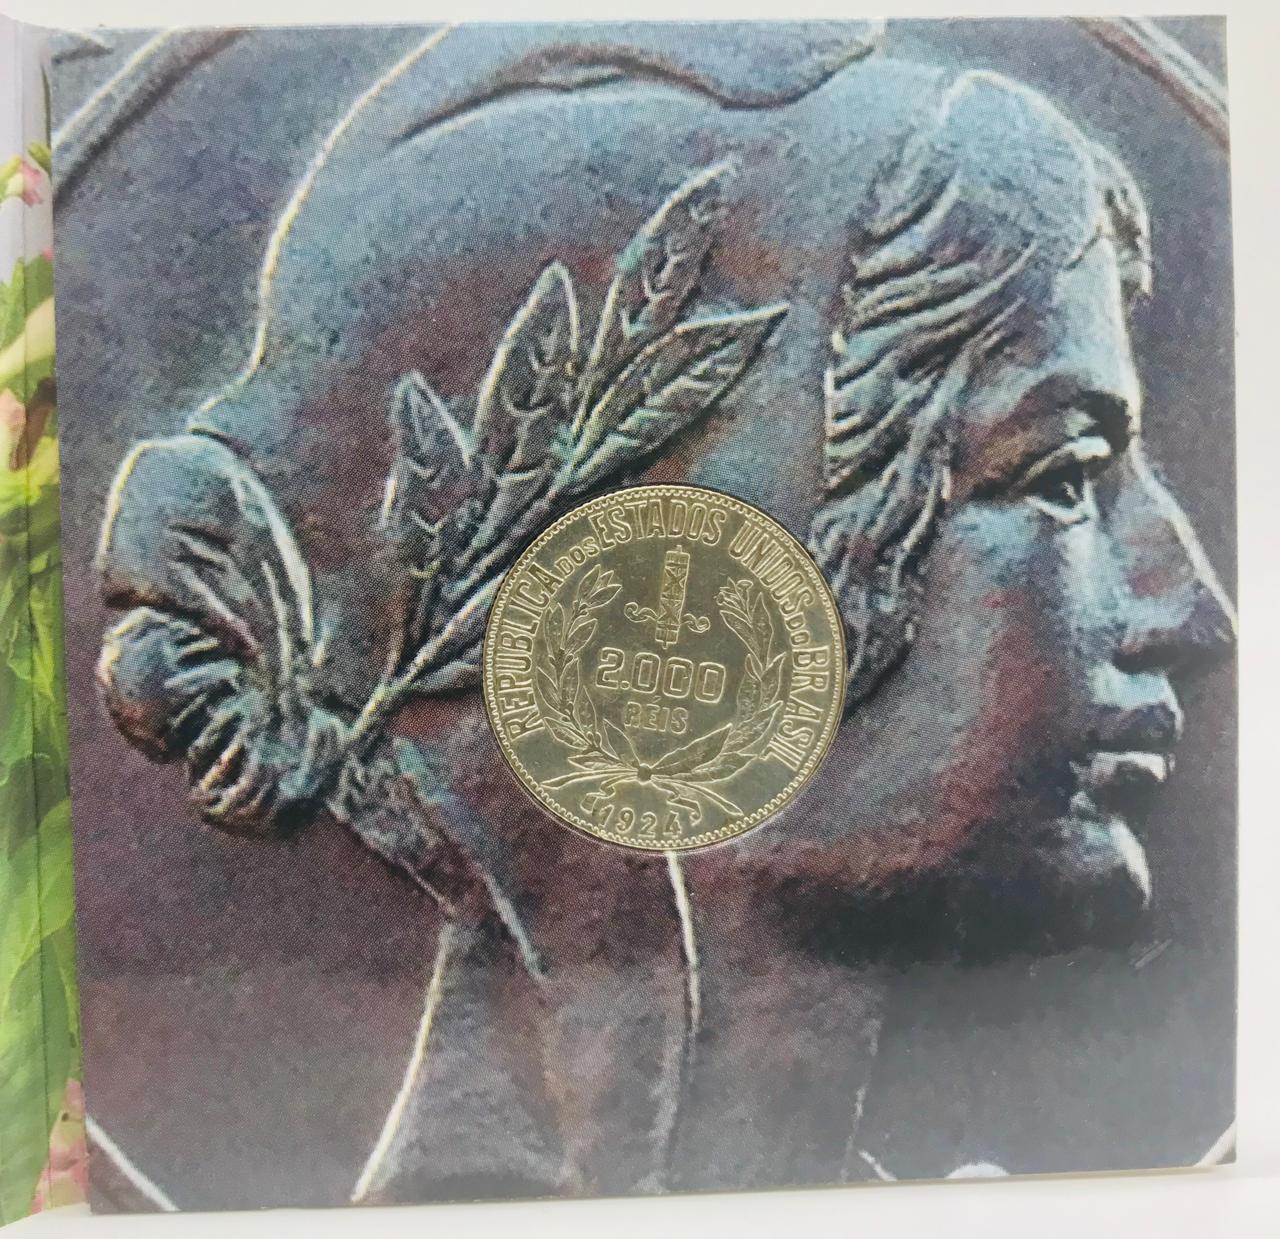 Cartela com a Moeda  2000 Réis 1924 (Prata)